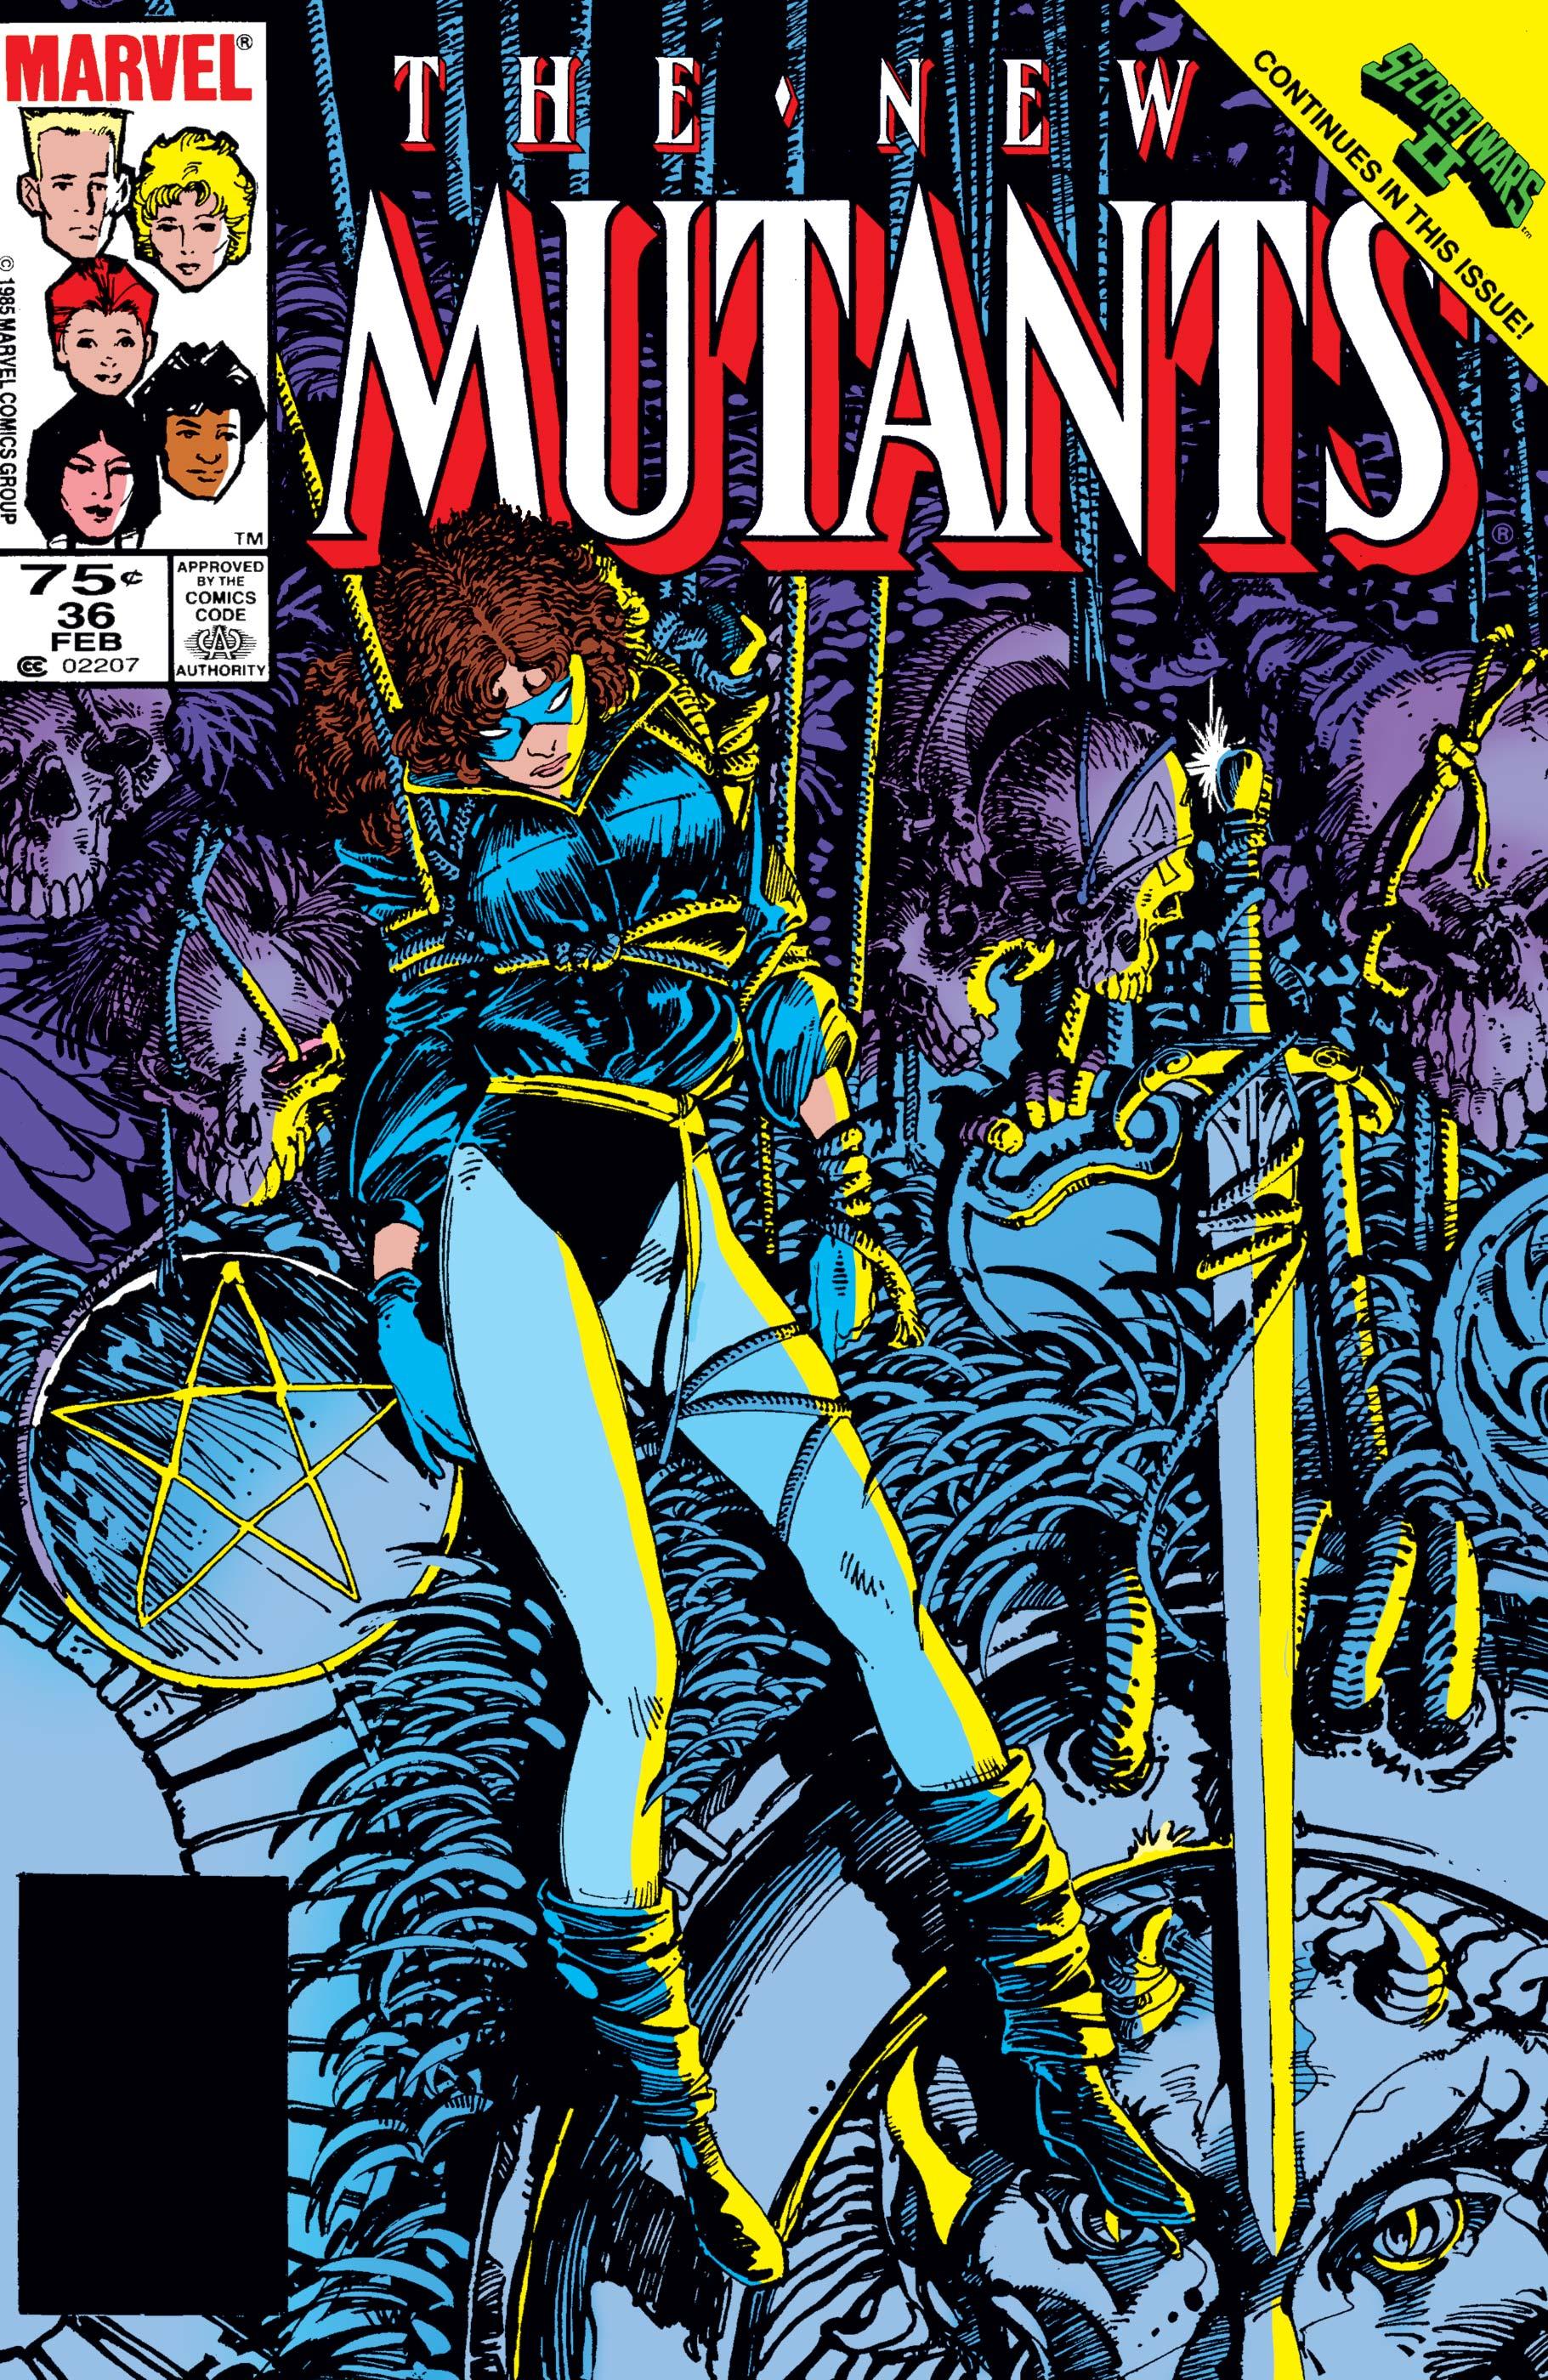 New Mutants (1983) #36